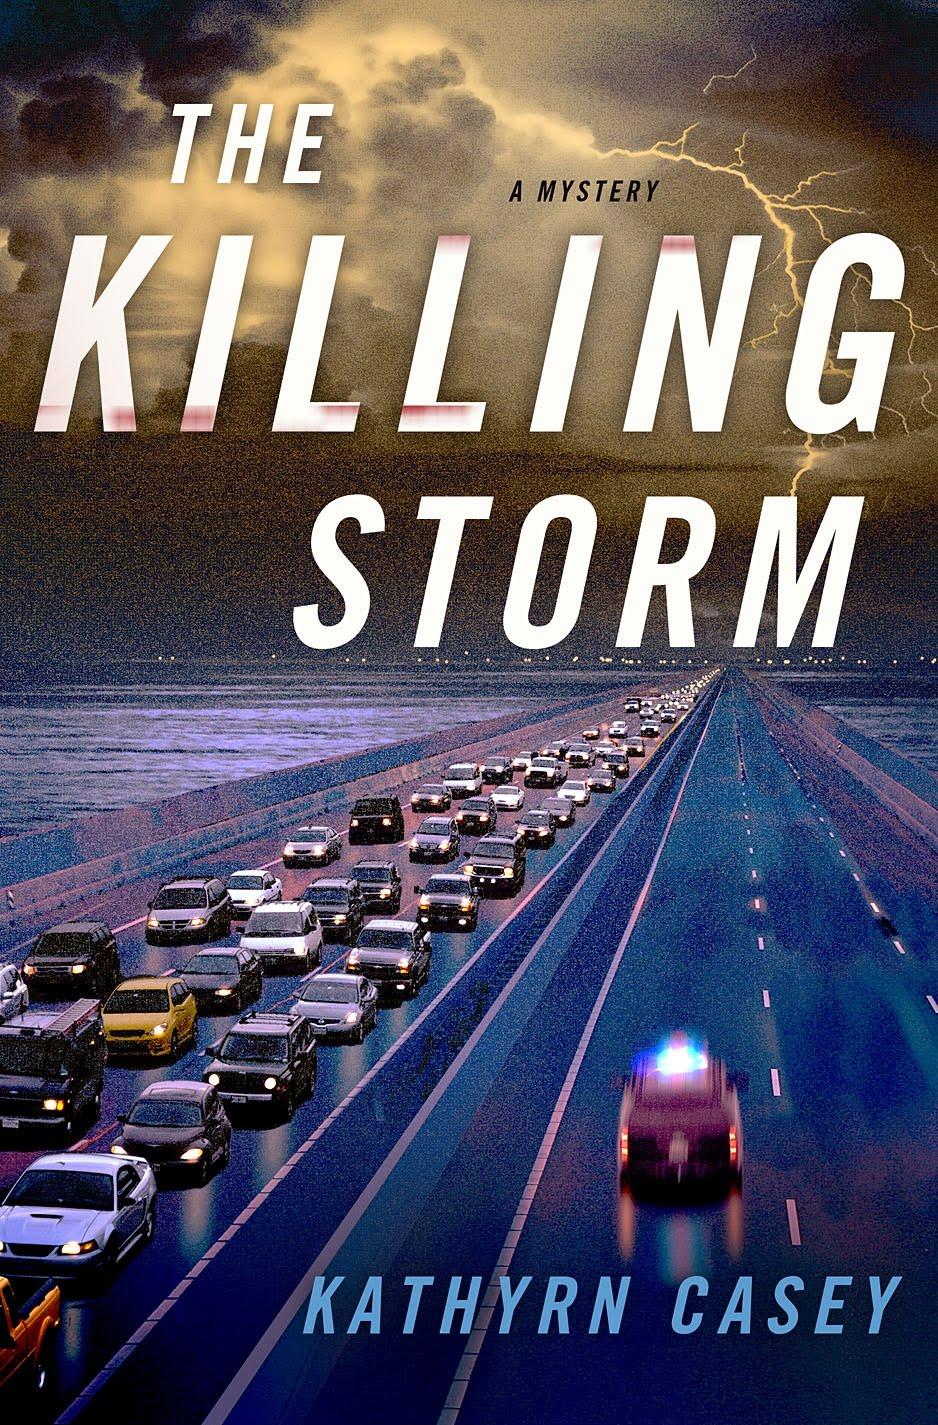 2.bp.blogspot.com__dX-OdaMZJt0_TT8D7vjuQPI_AAAAAAAAIVo_61U-0Gx1FEg_s1600_The-Killing-Storm1